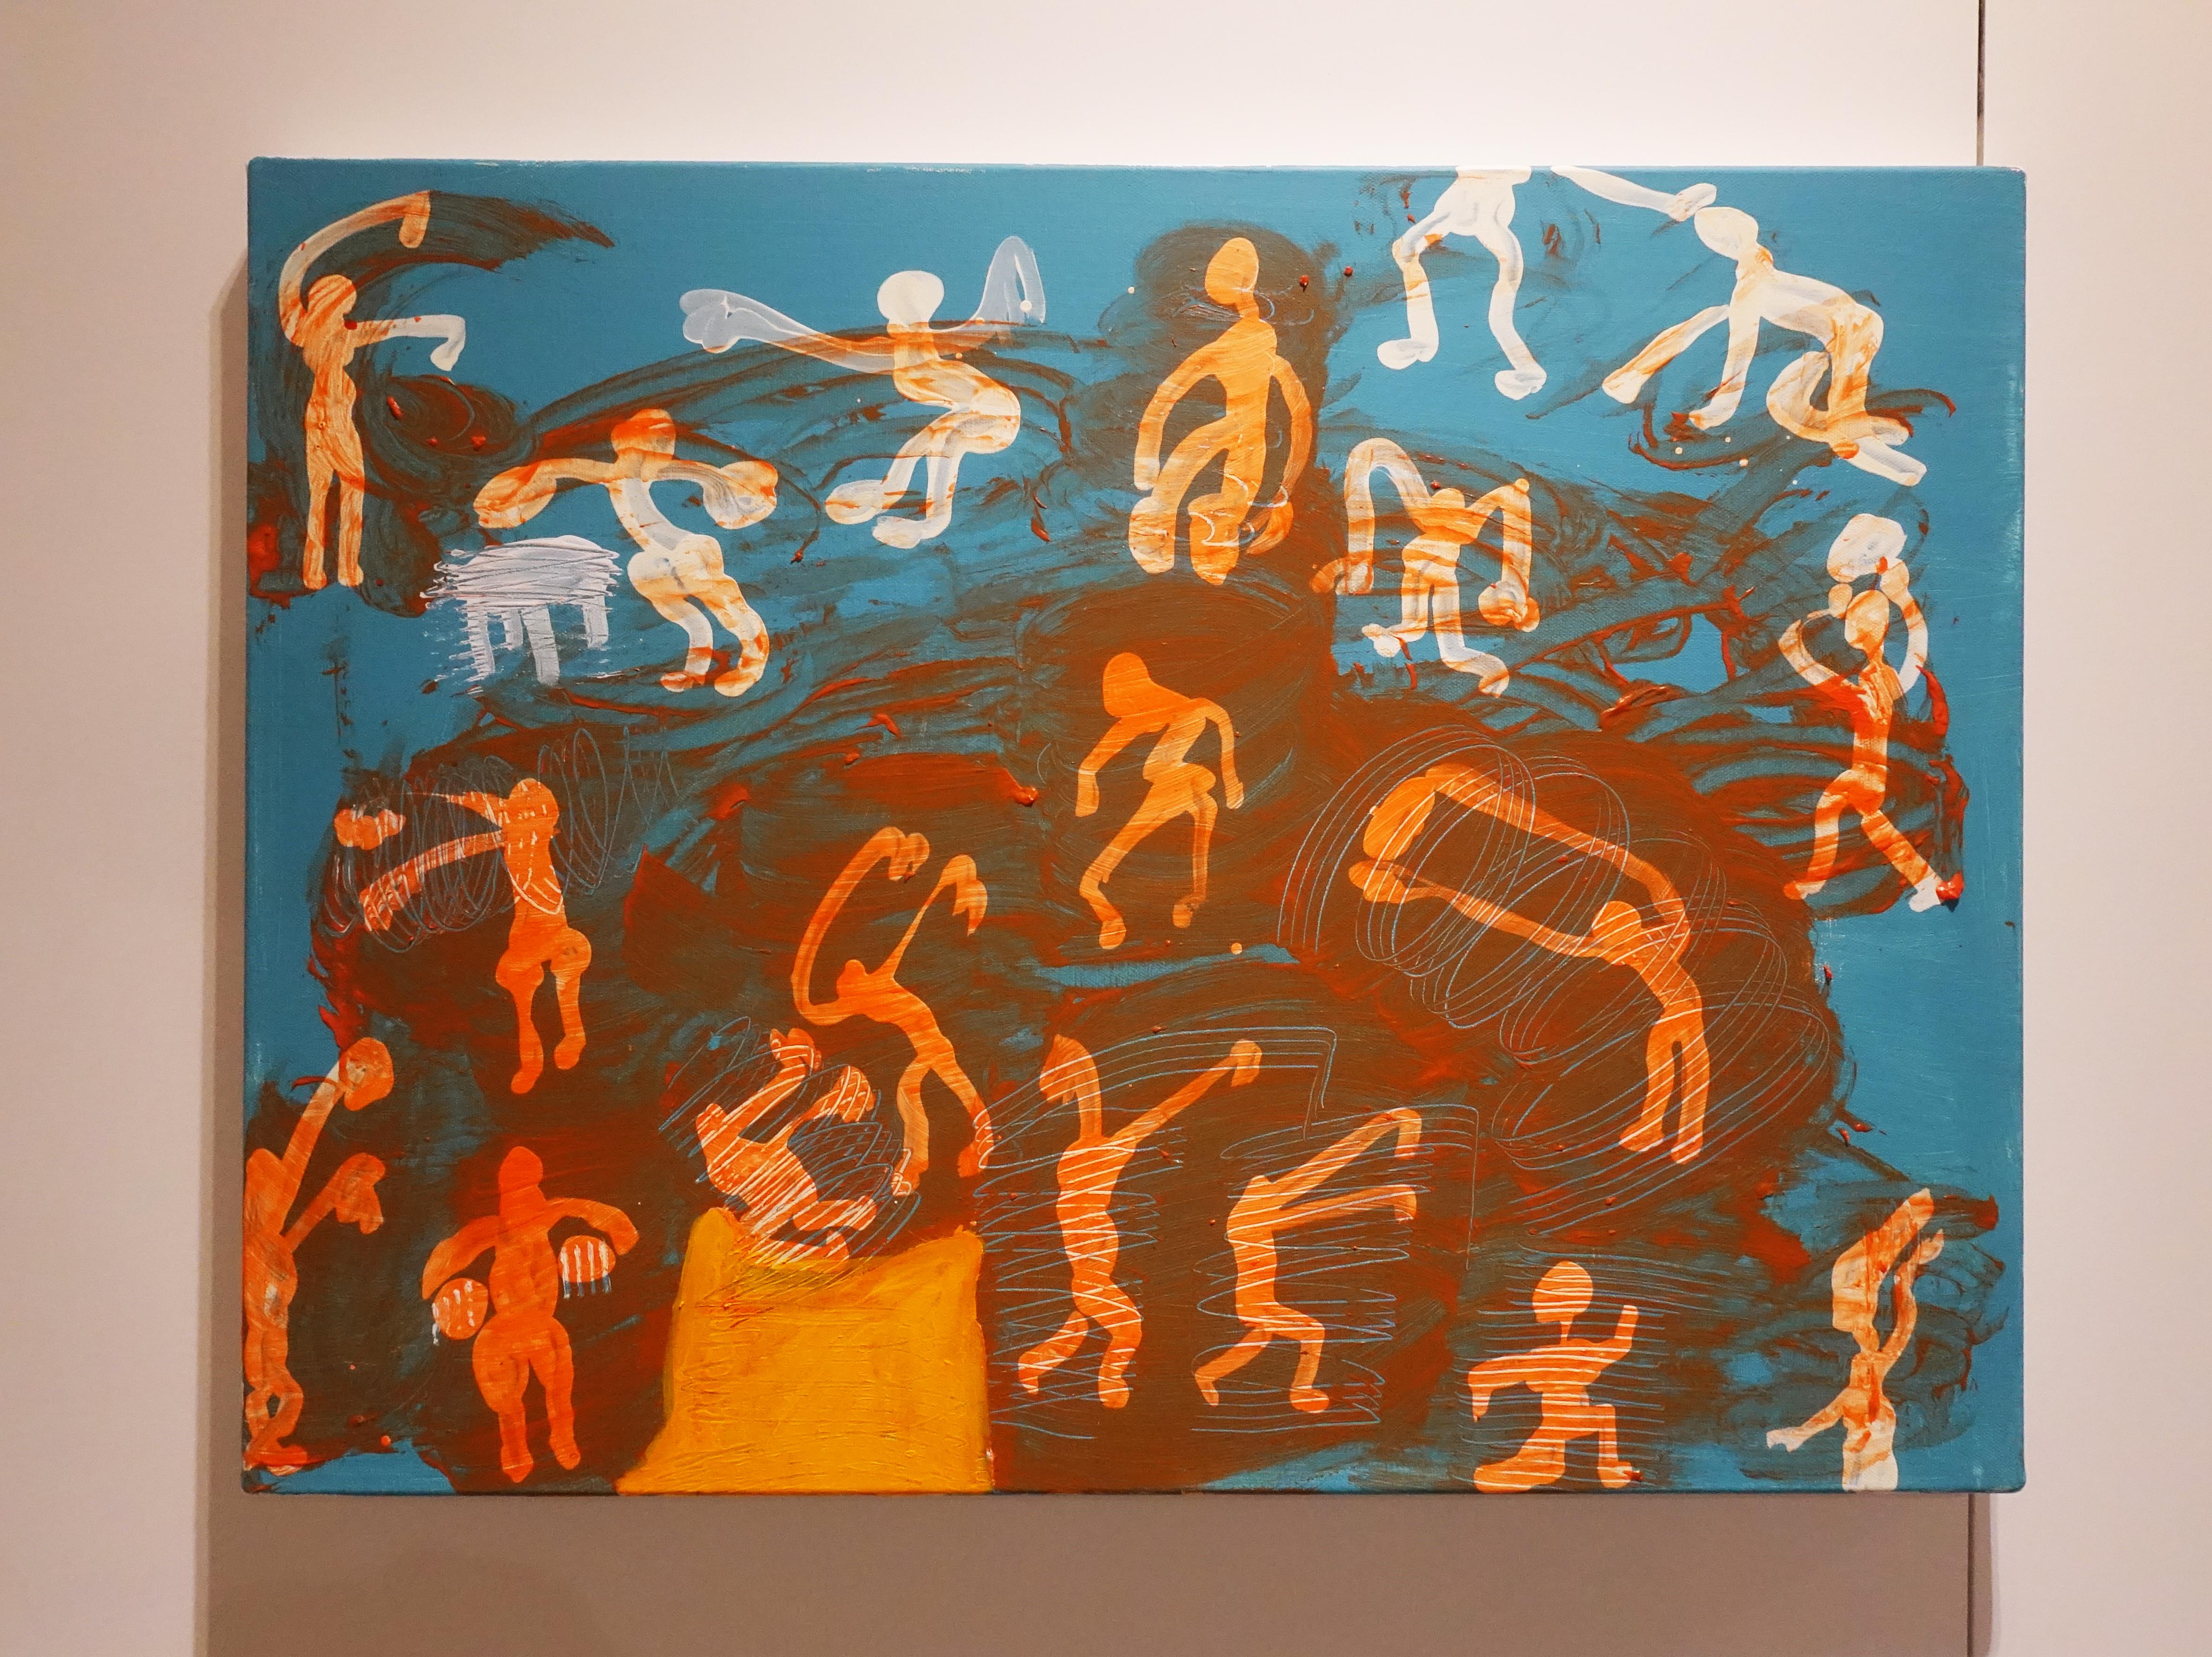 蕭筑方,《有遮羞布的行動》,60 x 80 cm,壓克力顏料、畫布,2019。